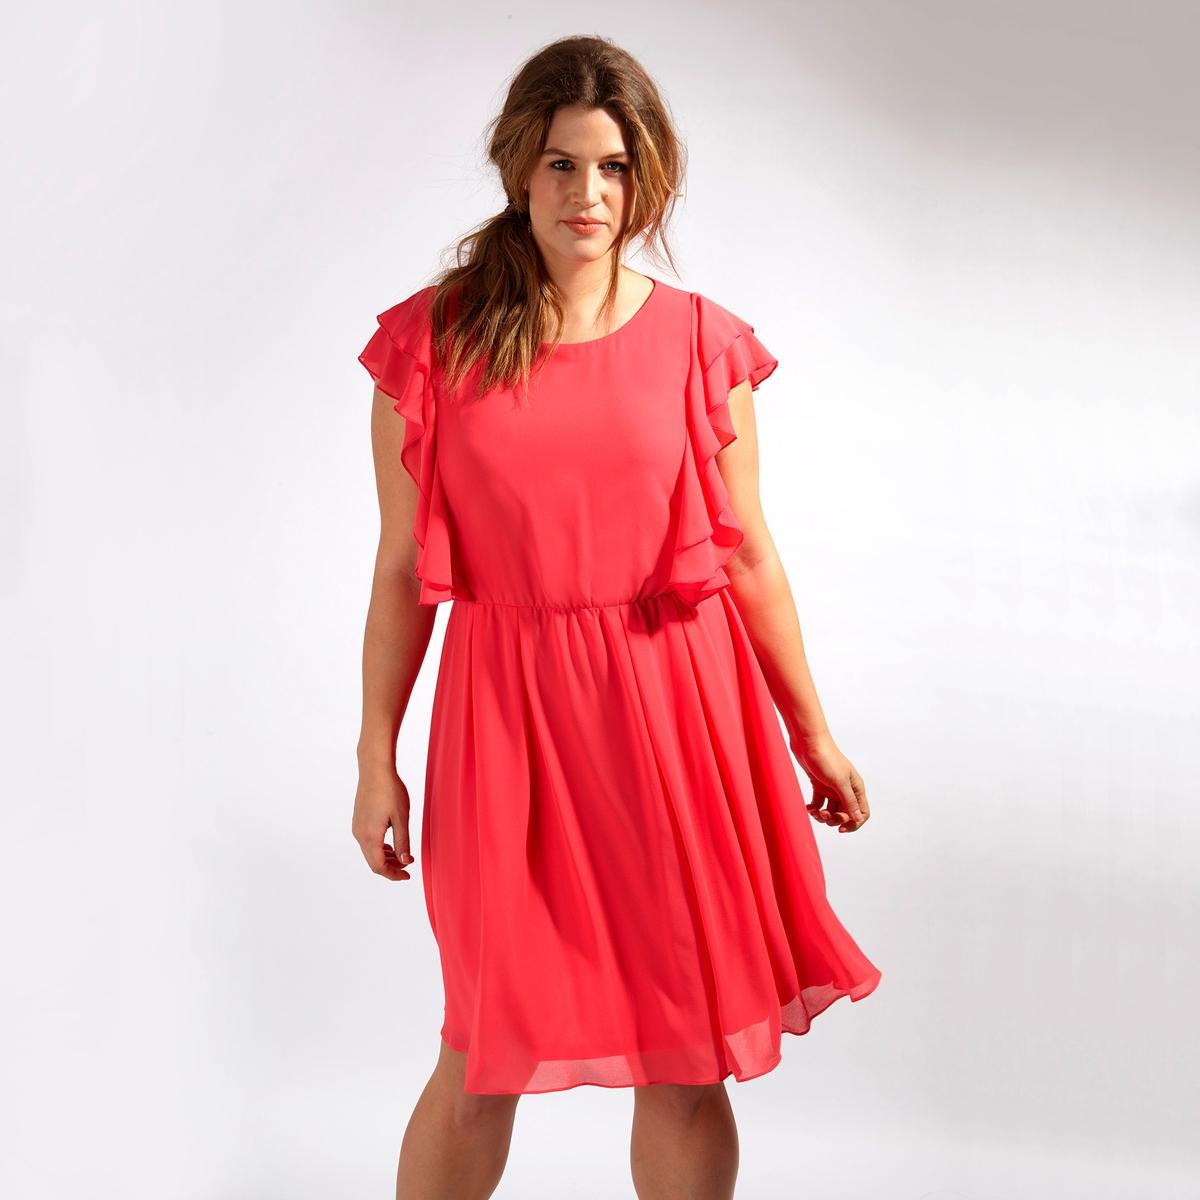 ПлатьеПлатье - KOKO BY KOKO. Застежка на молнию сзади. Длина до колен. 100% полиэстер<br><br>Цвет: малиновый